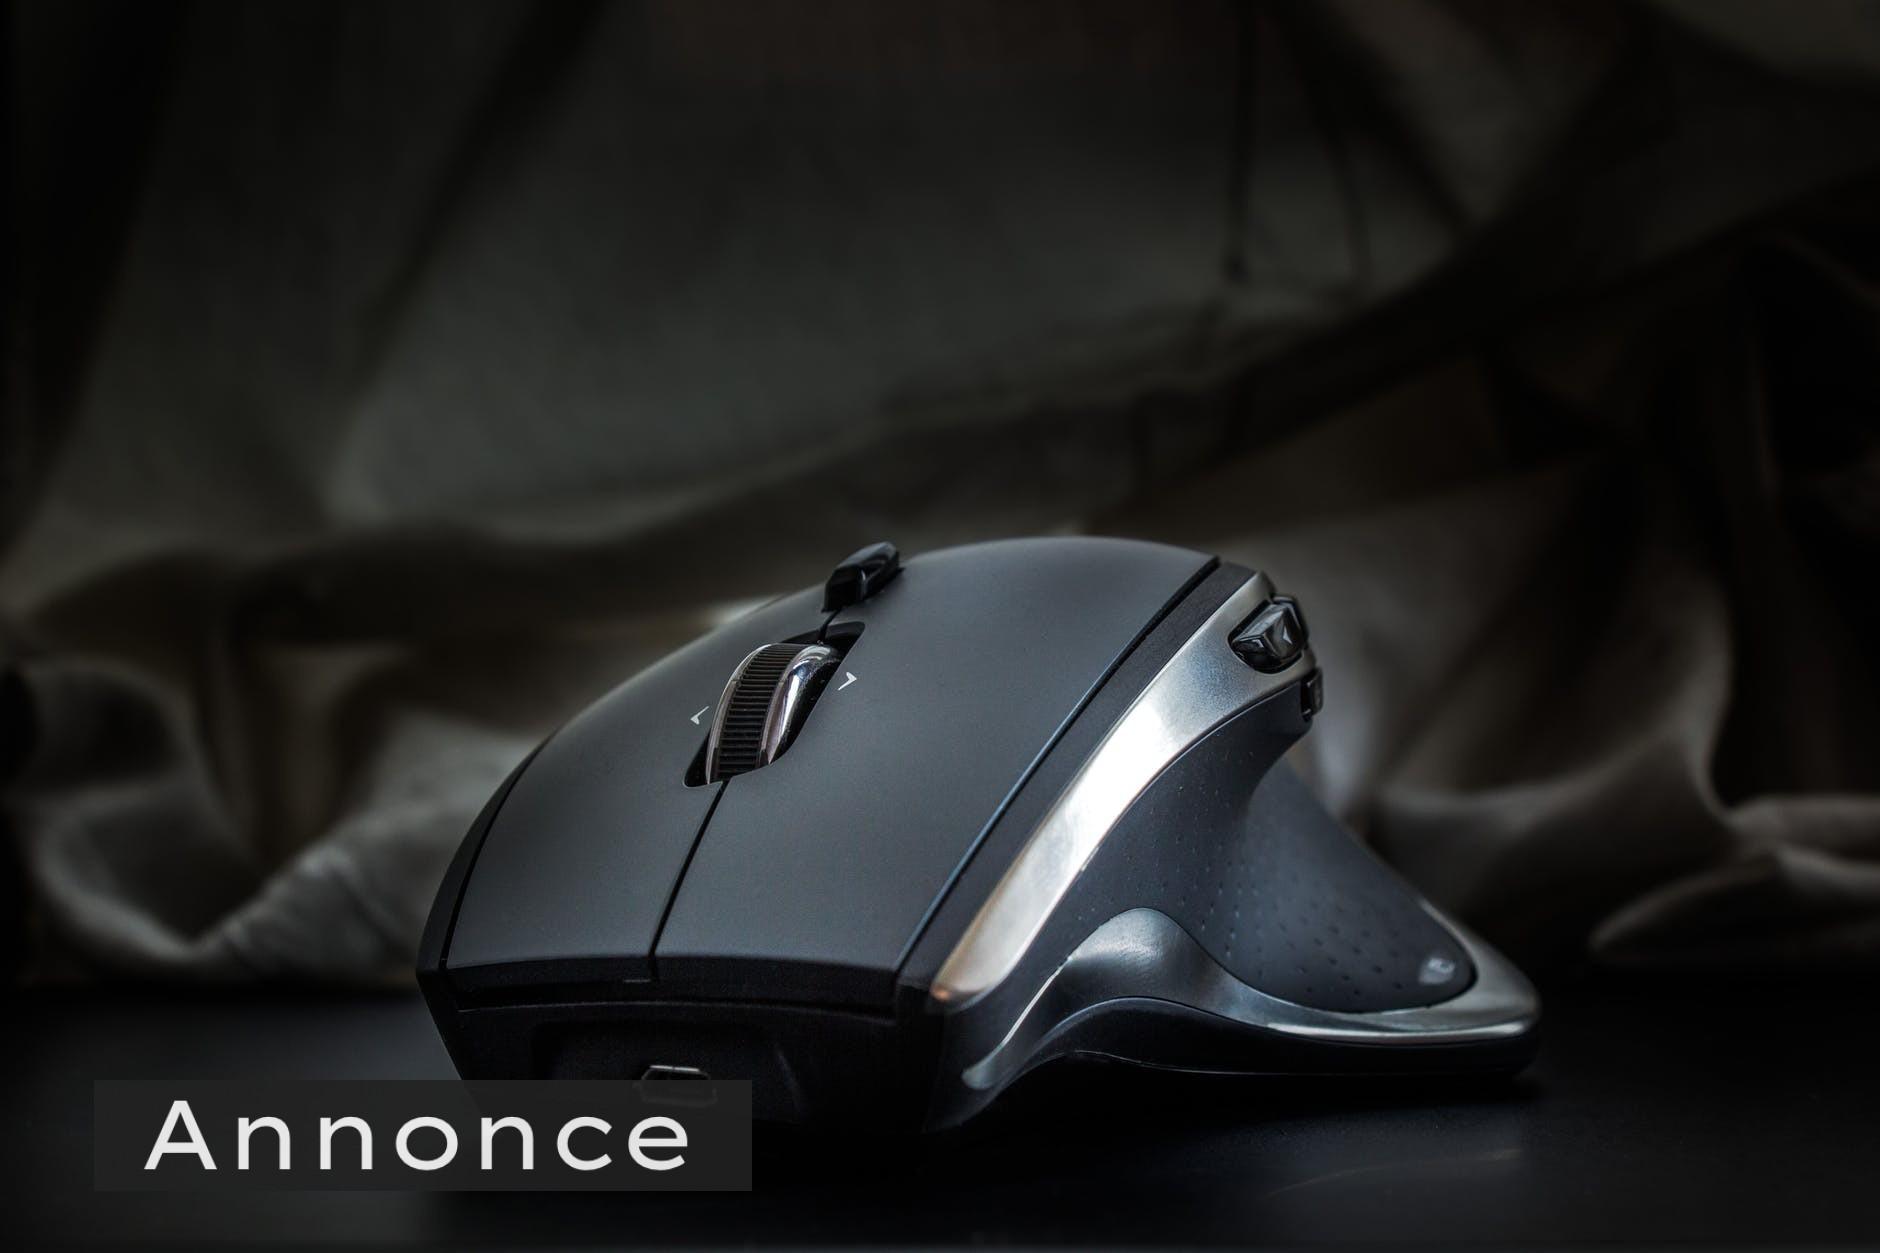 Gør din arbejdsdag nemmere ved at bruge en ergonomisk mus